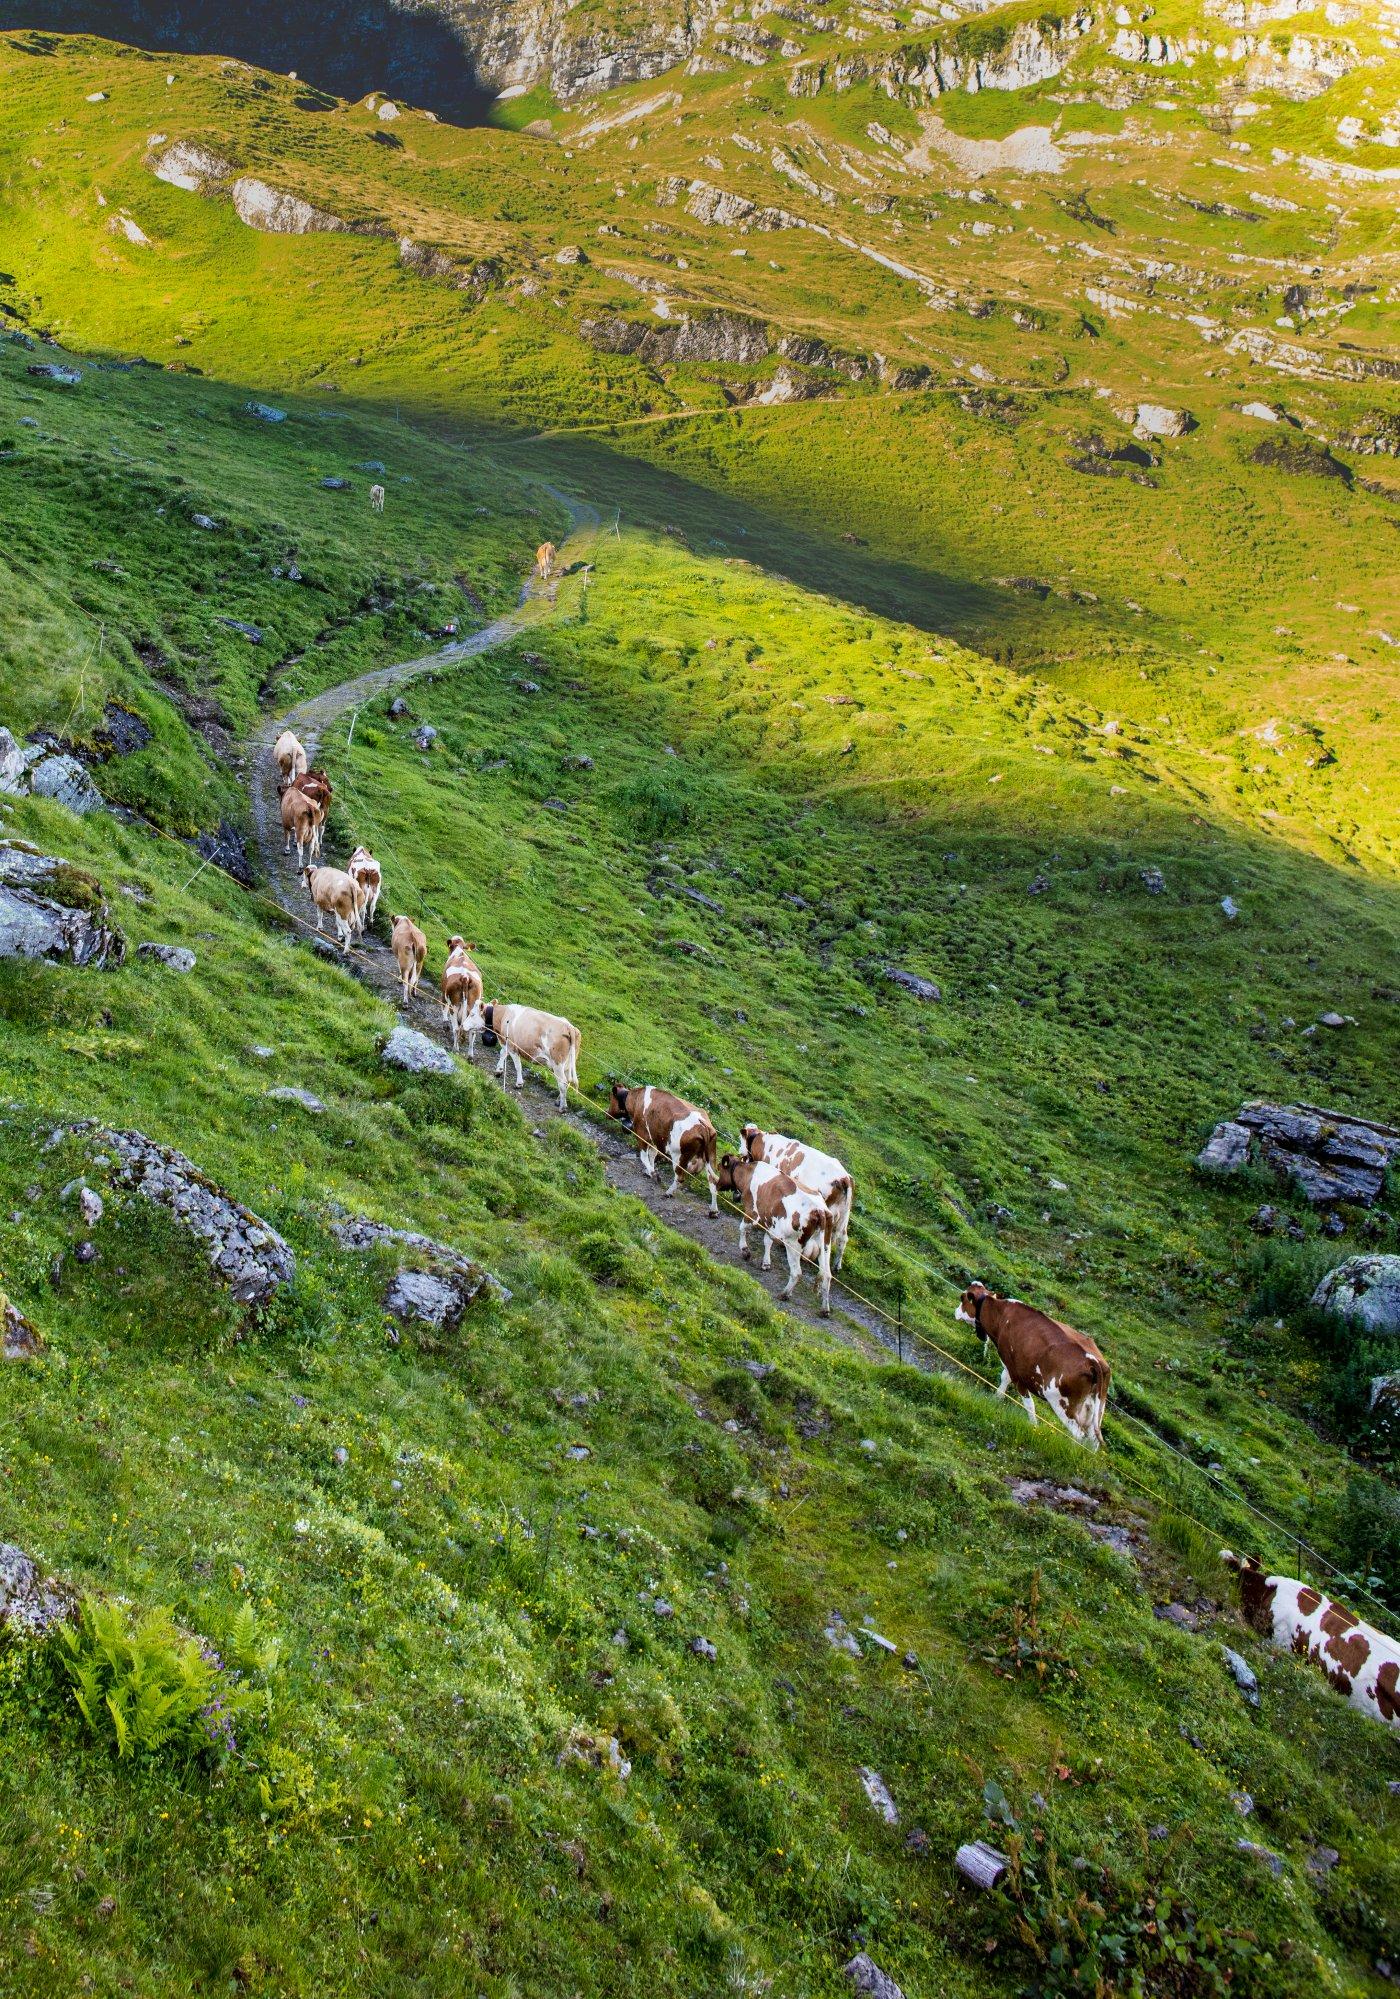 Kühe auf dem Berg